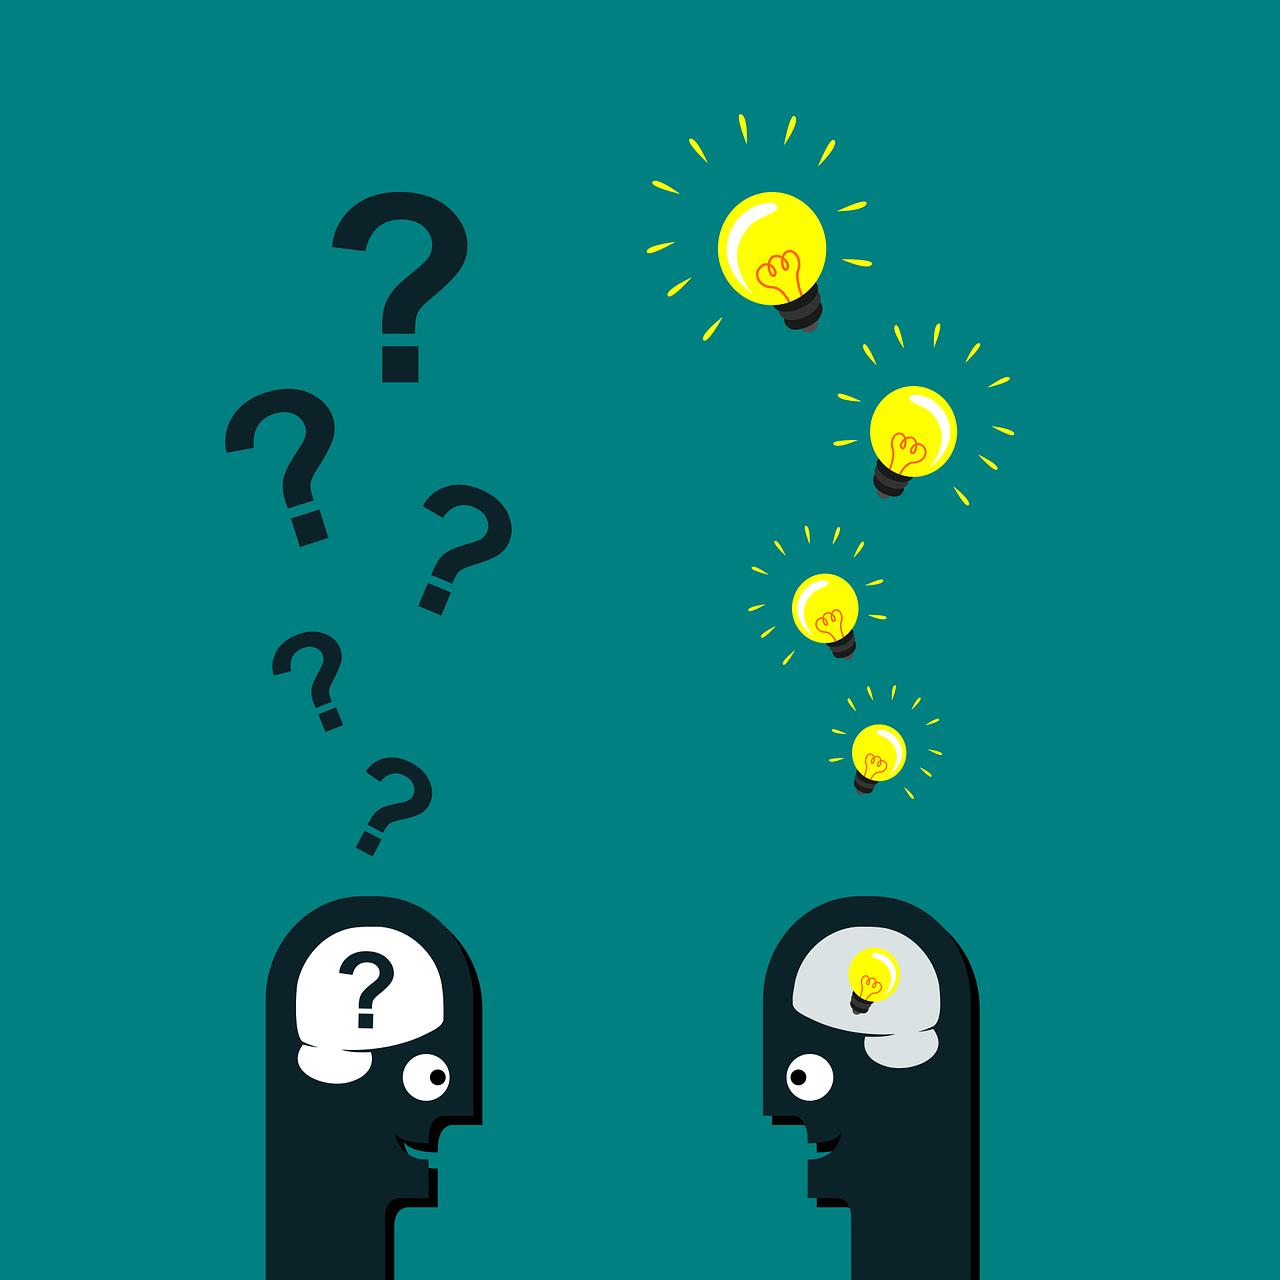 Illustration: zwei Köpfe- einer mit Fragen der andere mit Antworten (Intention ermitteln)